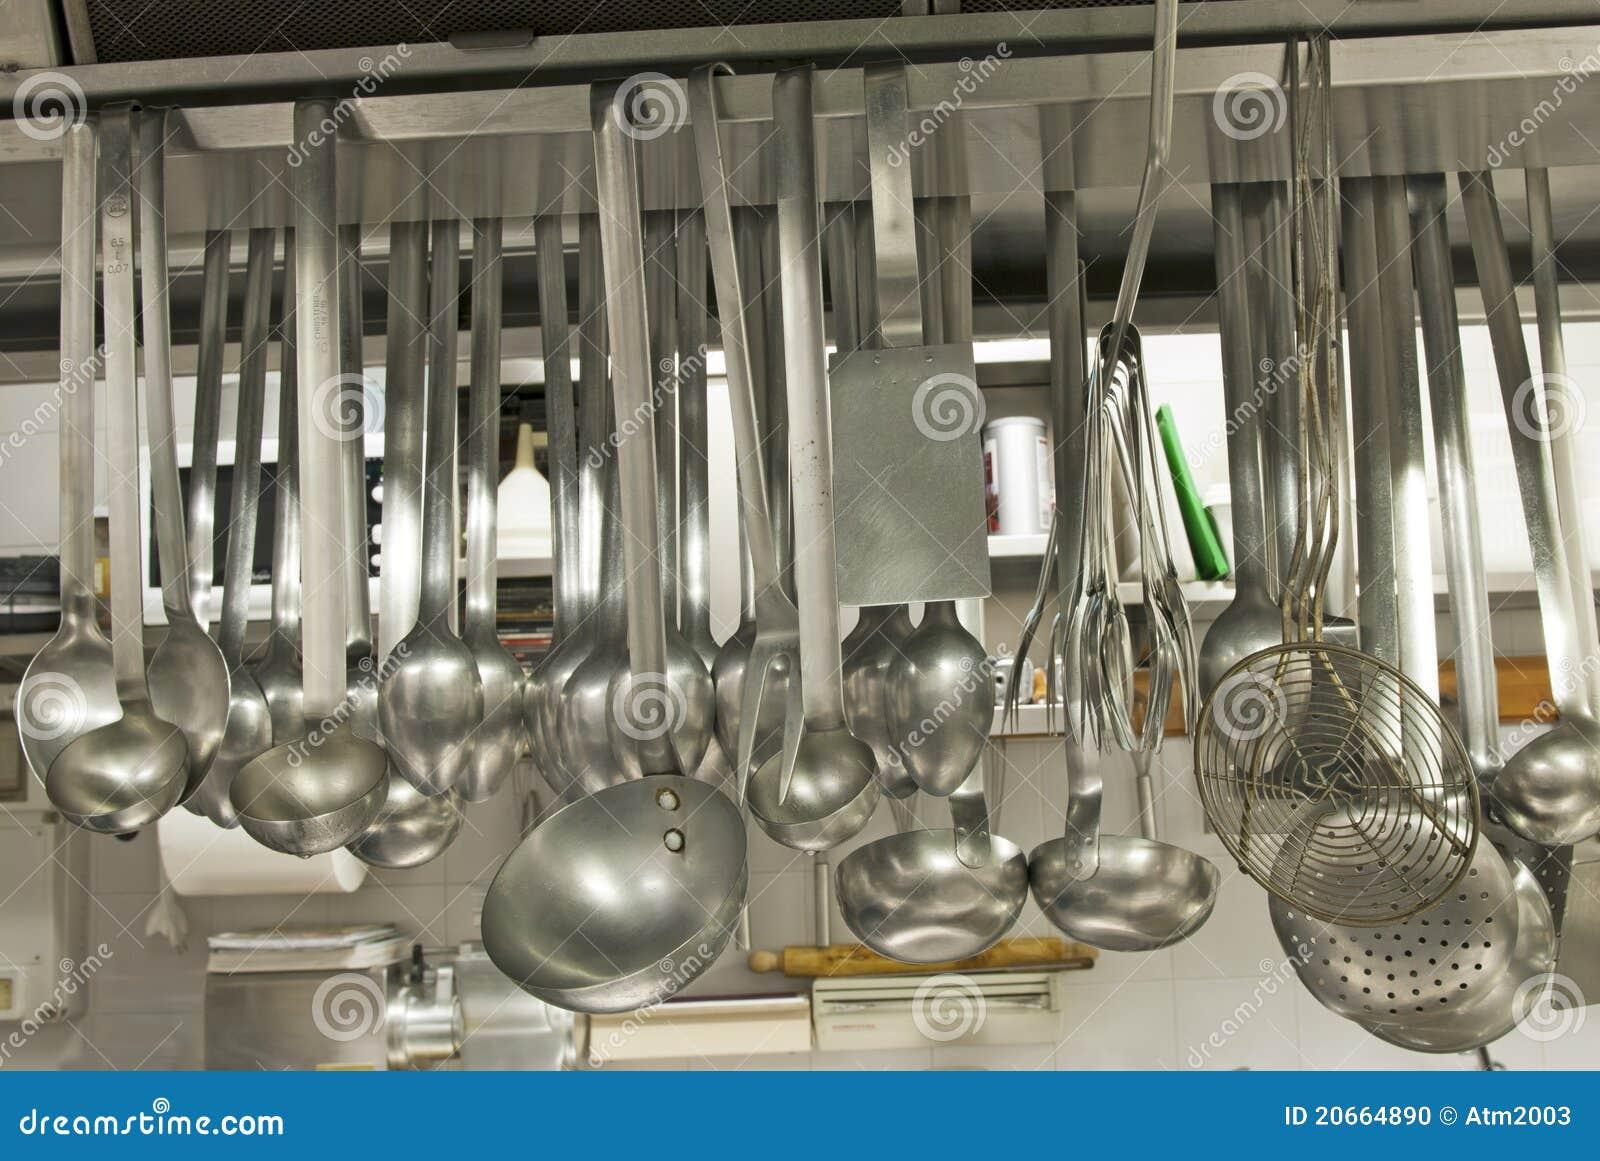 Utensilios Cozinha Industrial Resimden Com